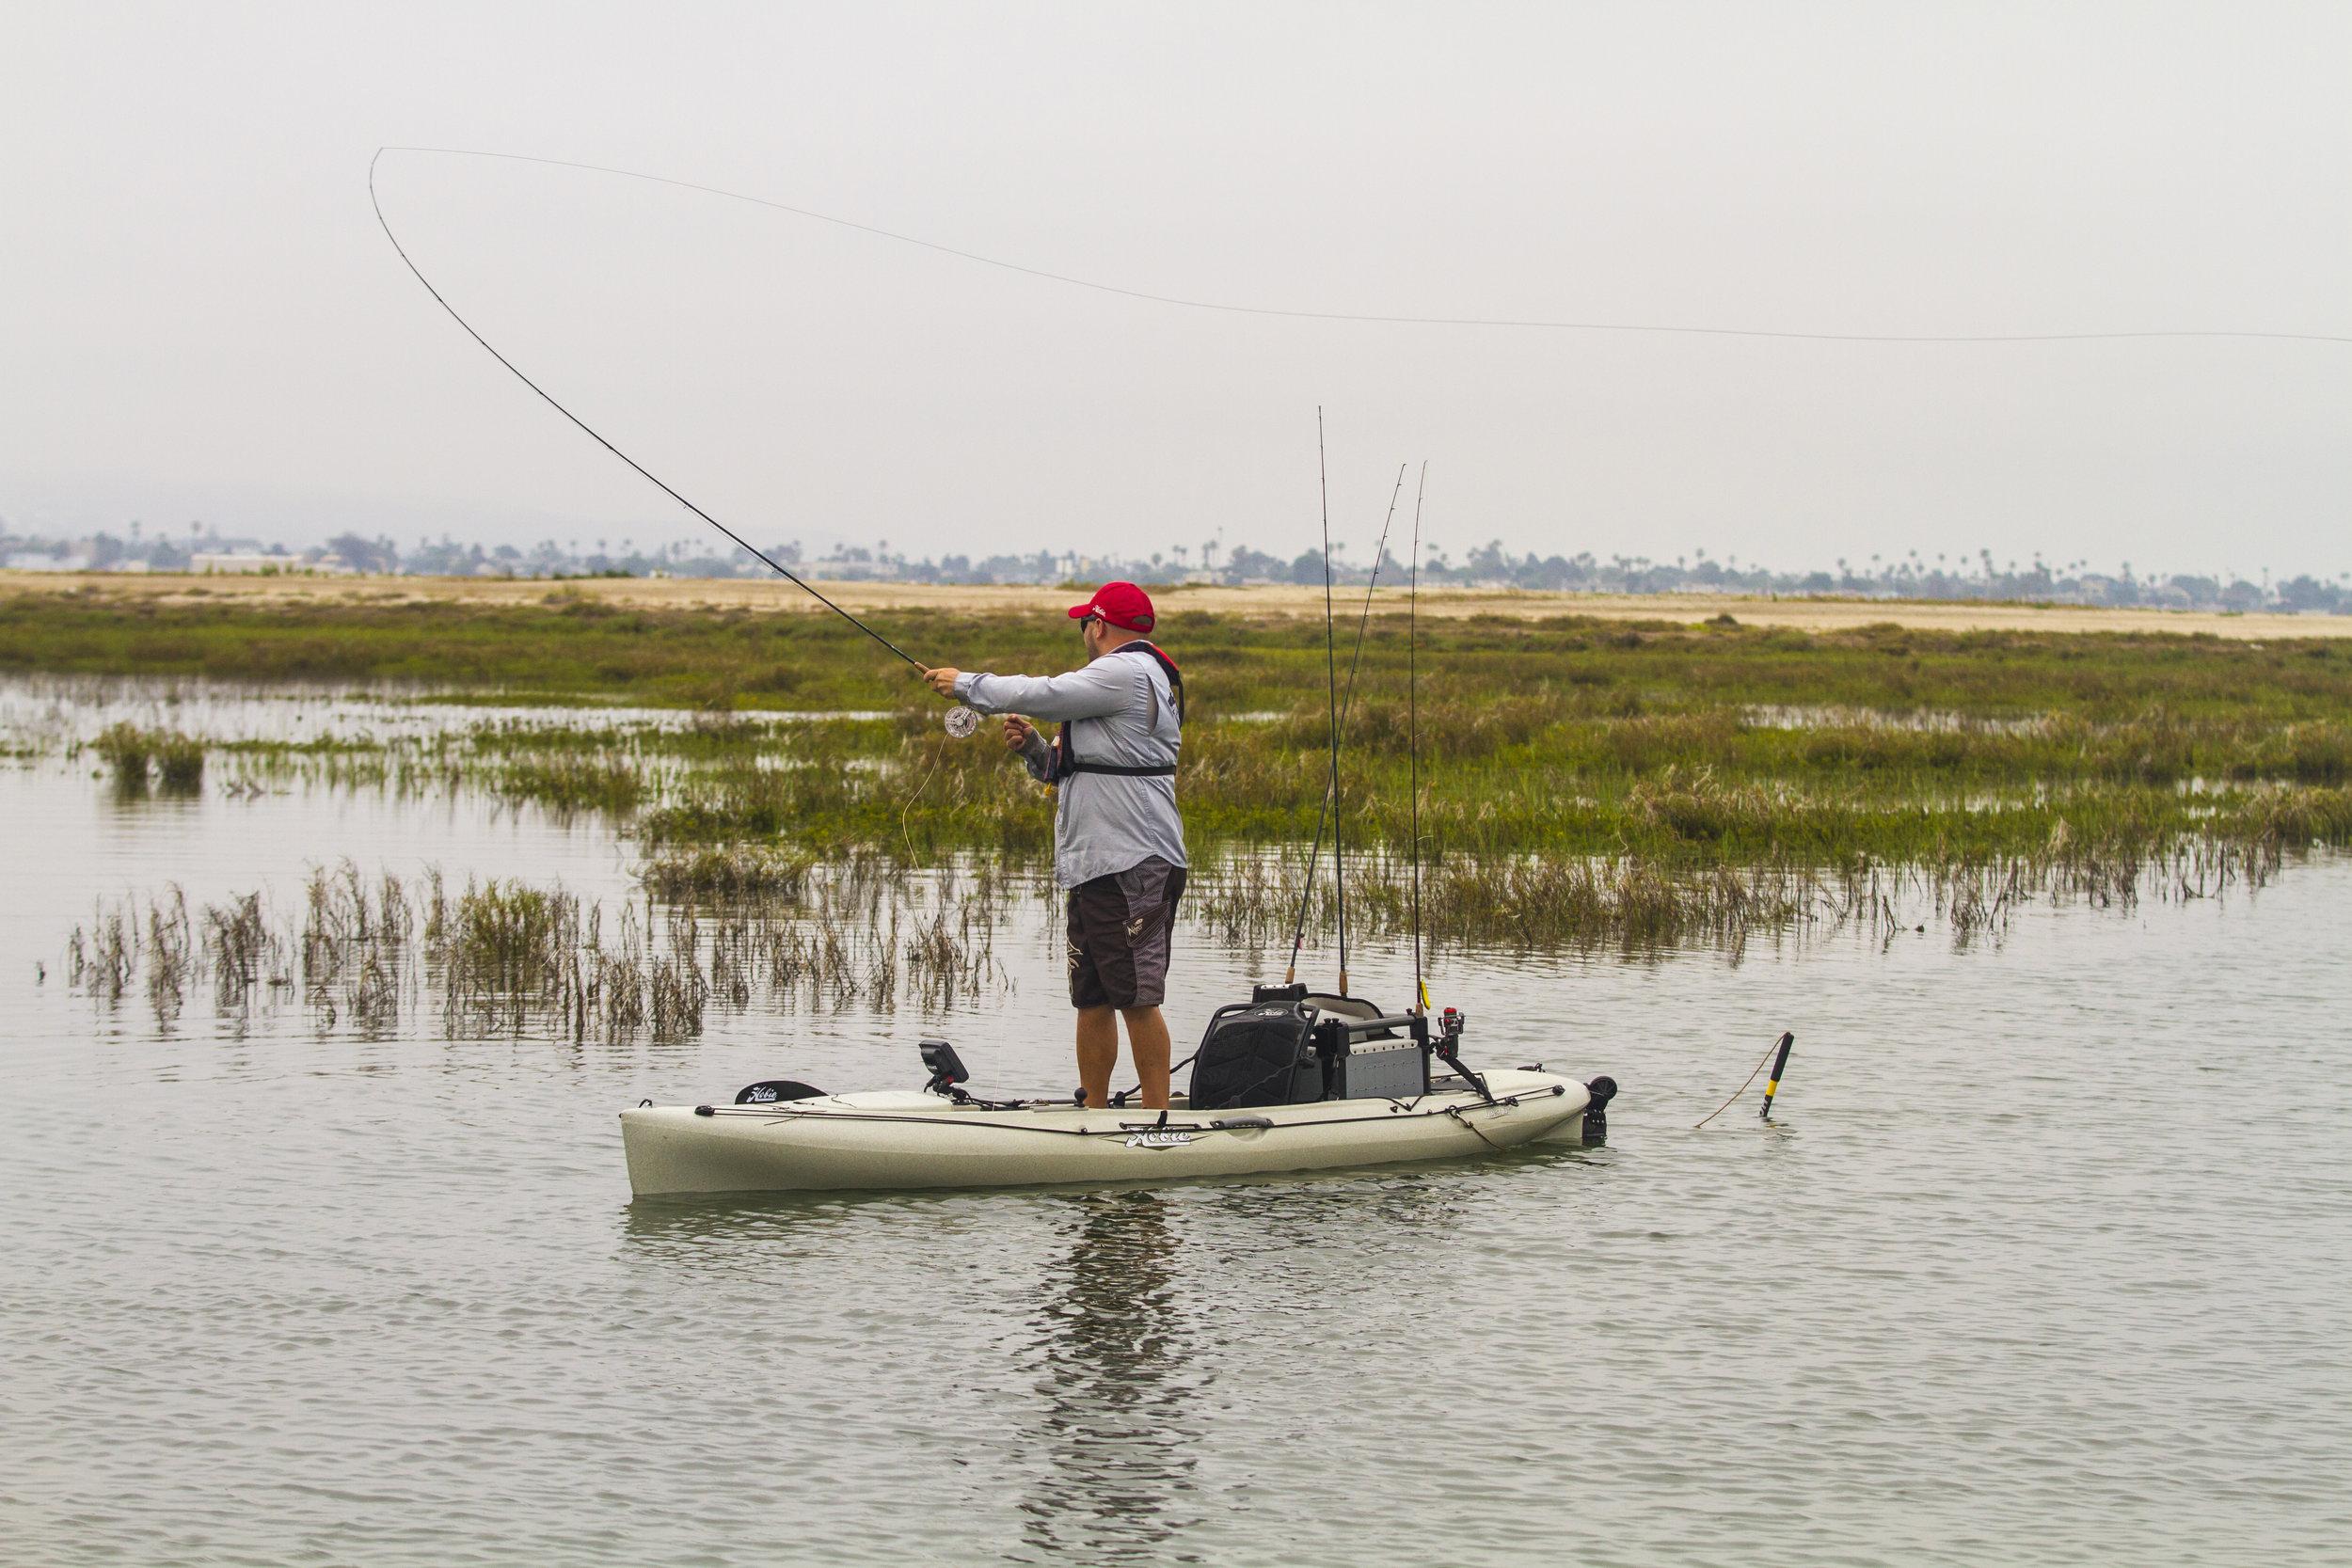 Quest13_fishing_Shane-dune_standing_fly_9622_full.jpg